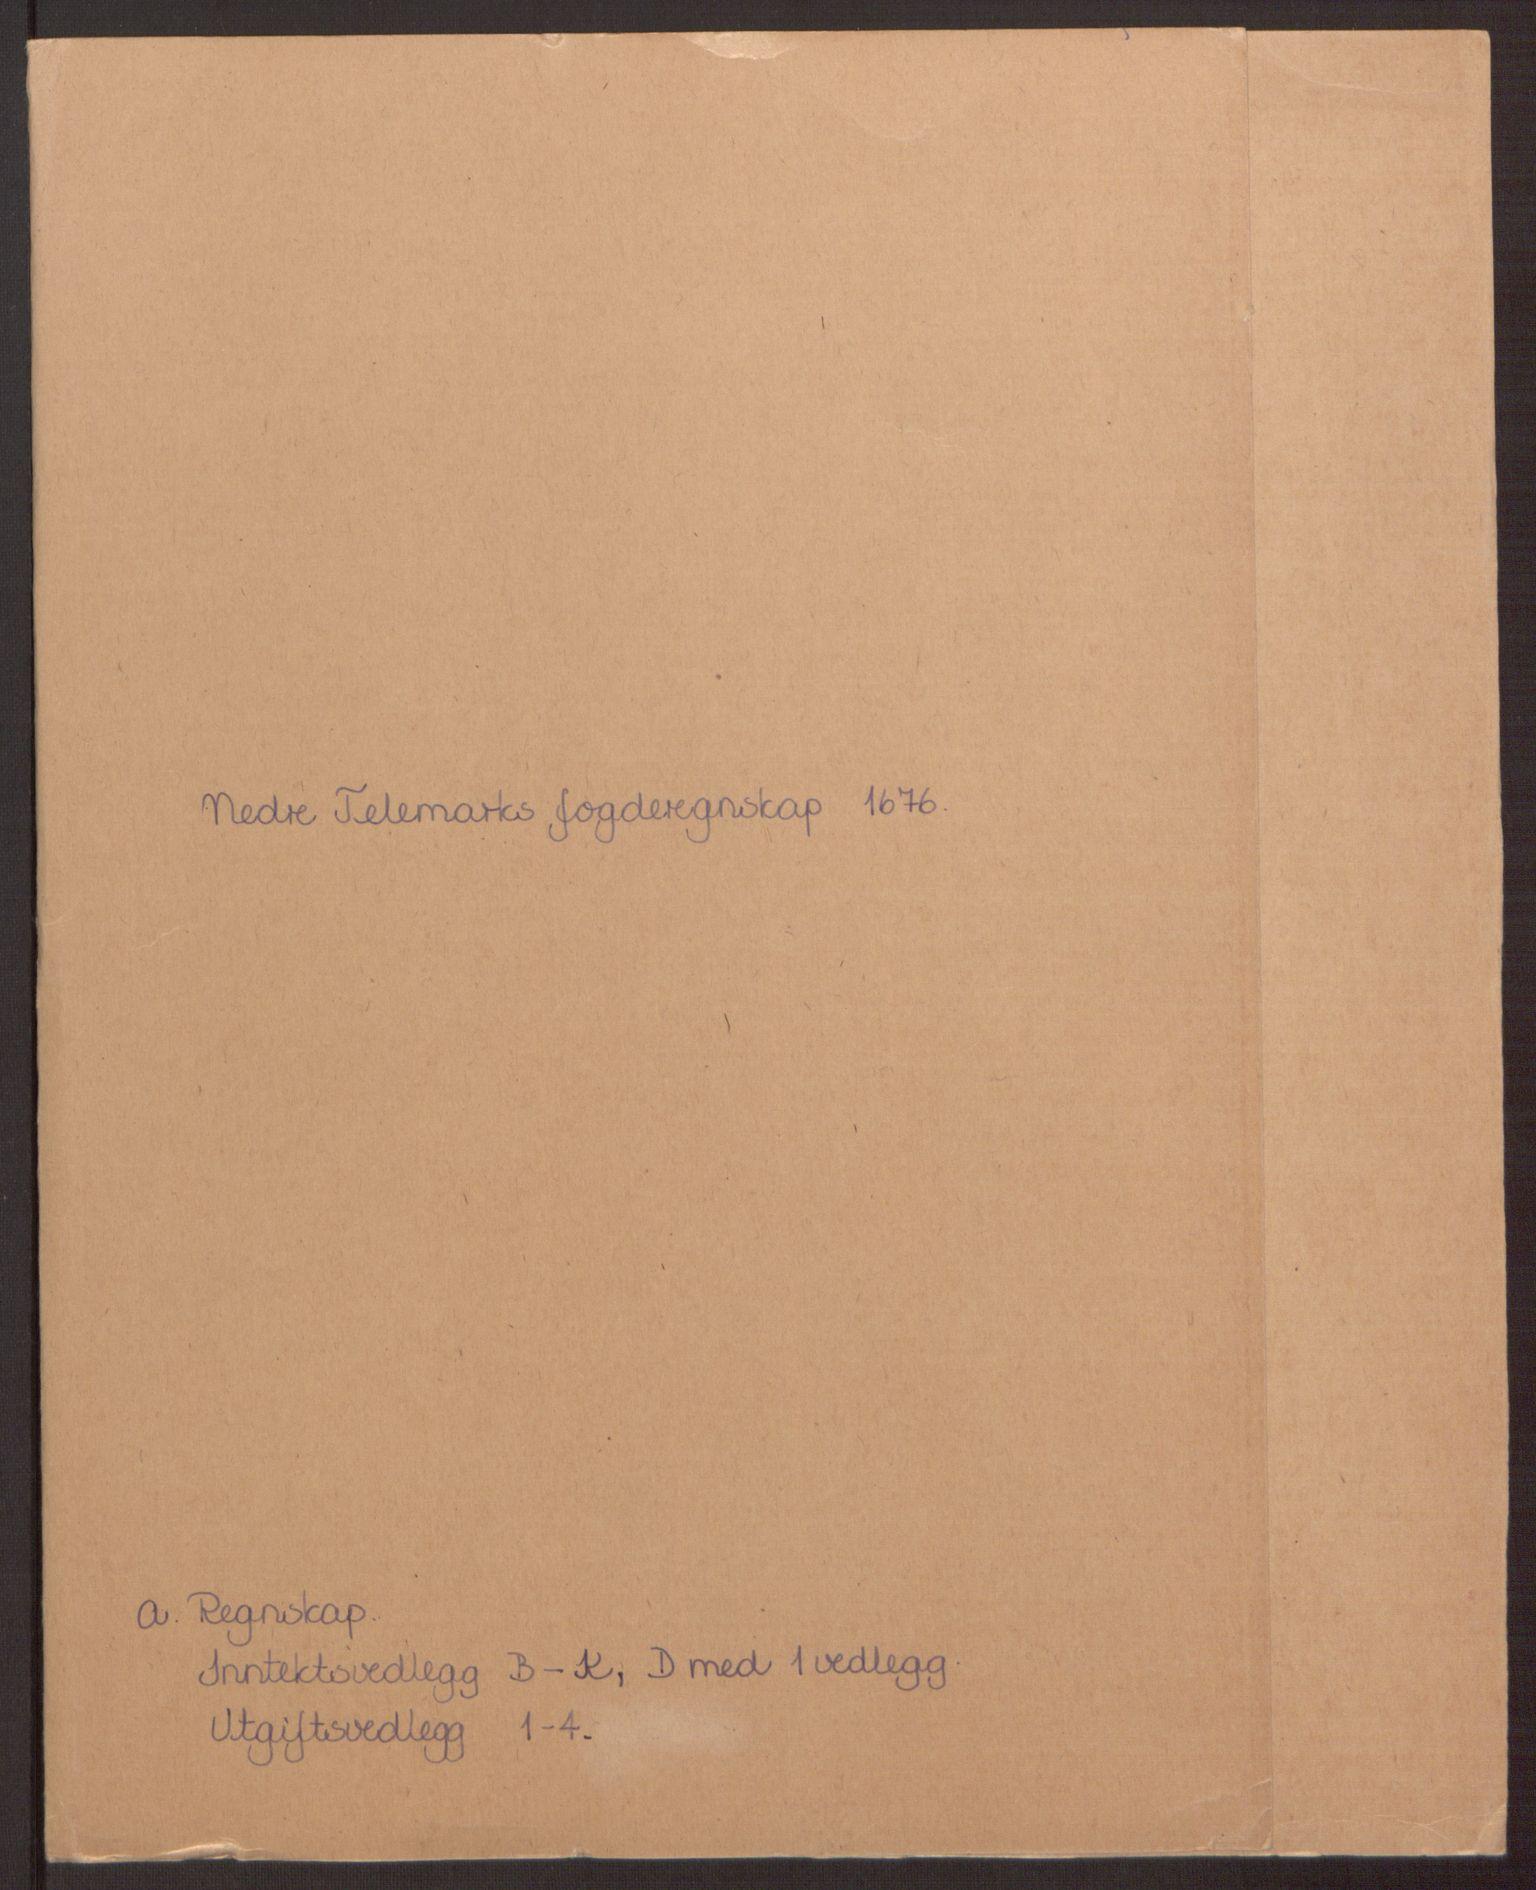 RA, Rentekammeret inntil 1814, Reviderte regnskaper, Fogderegnskap, R35/L2066: Fogderegnskap Øvre og Nedre Telemark, 1676, s. 2